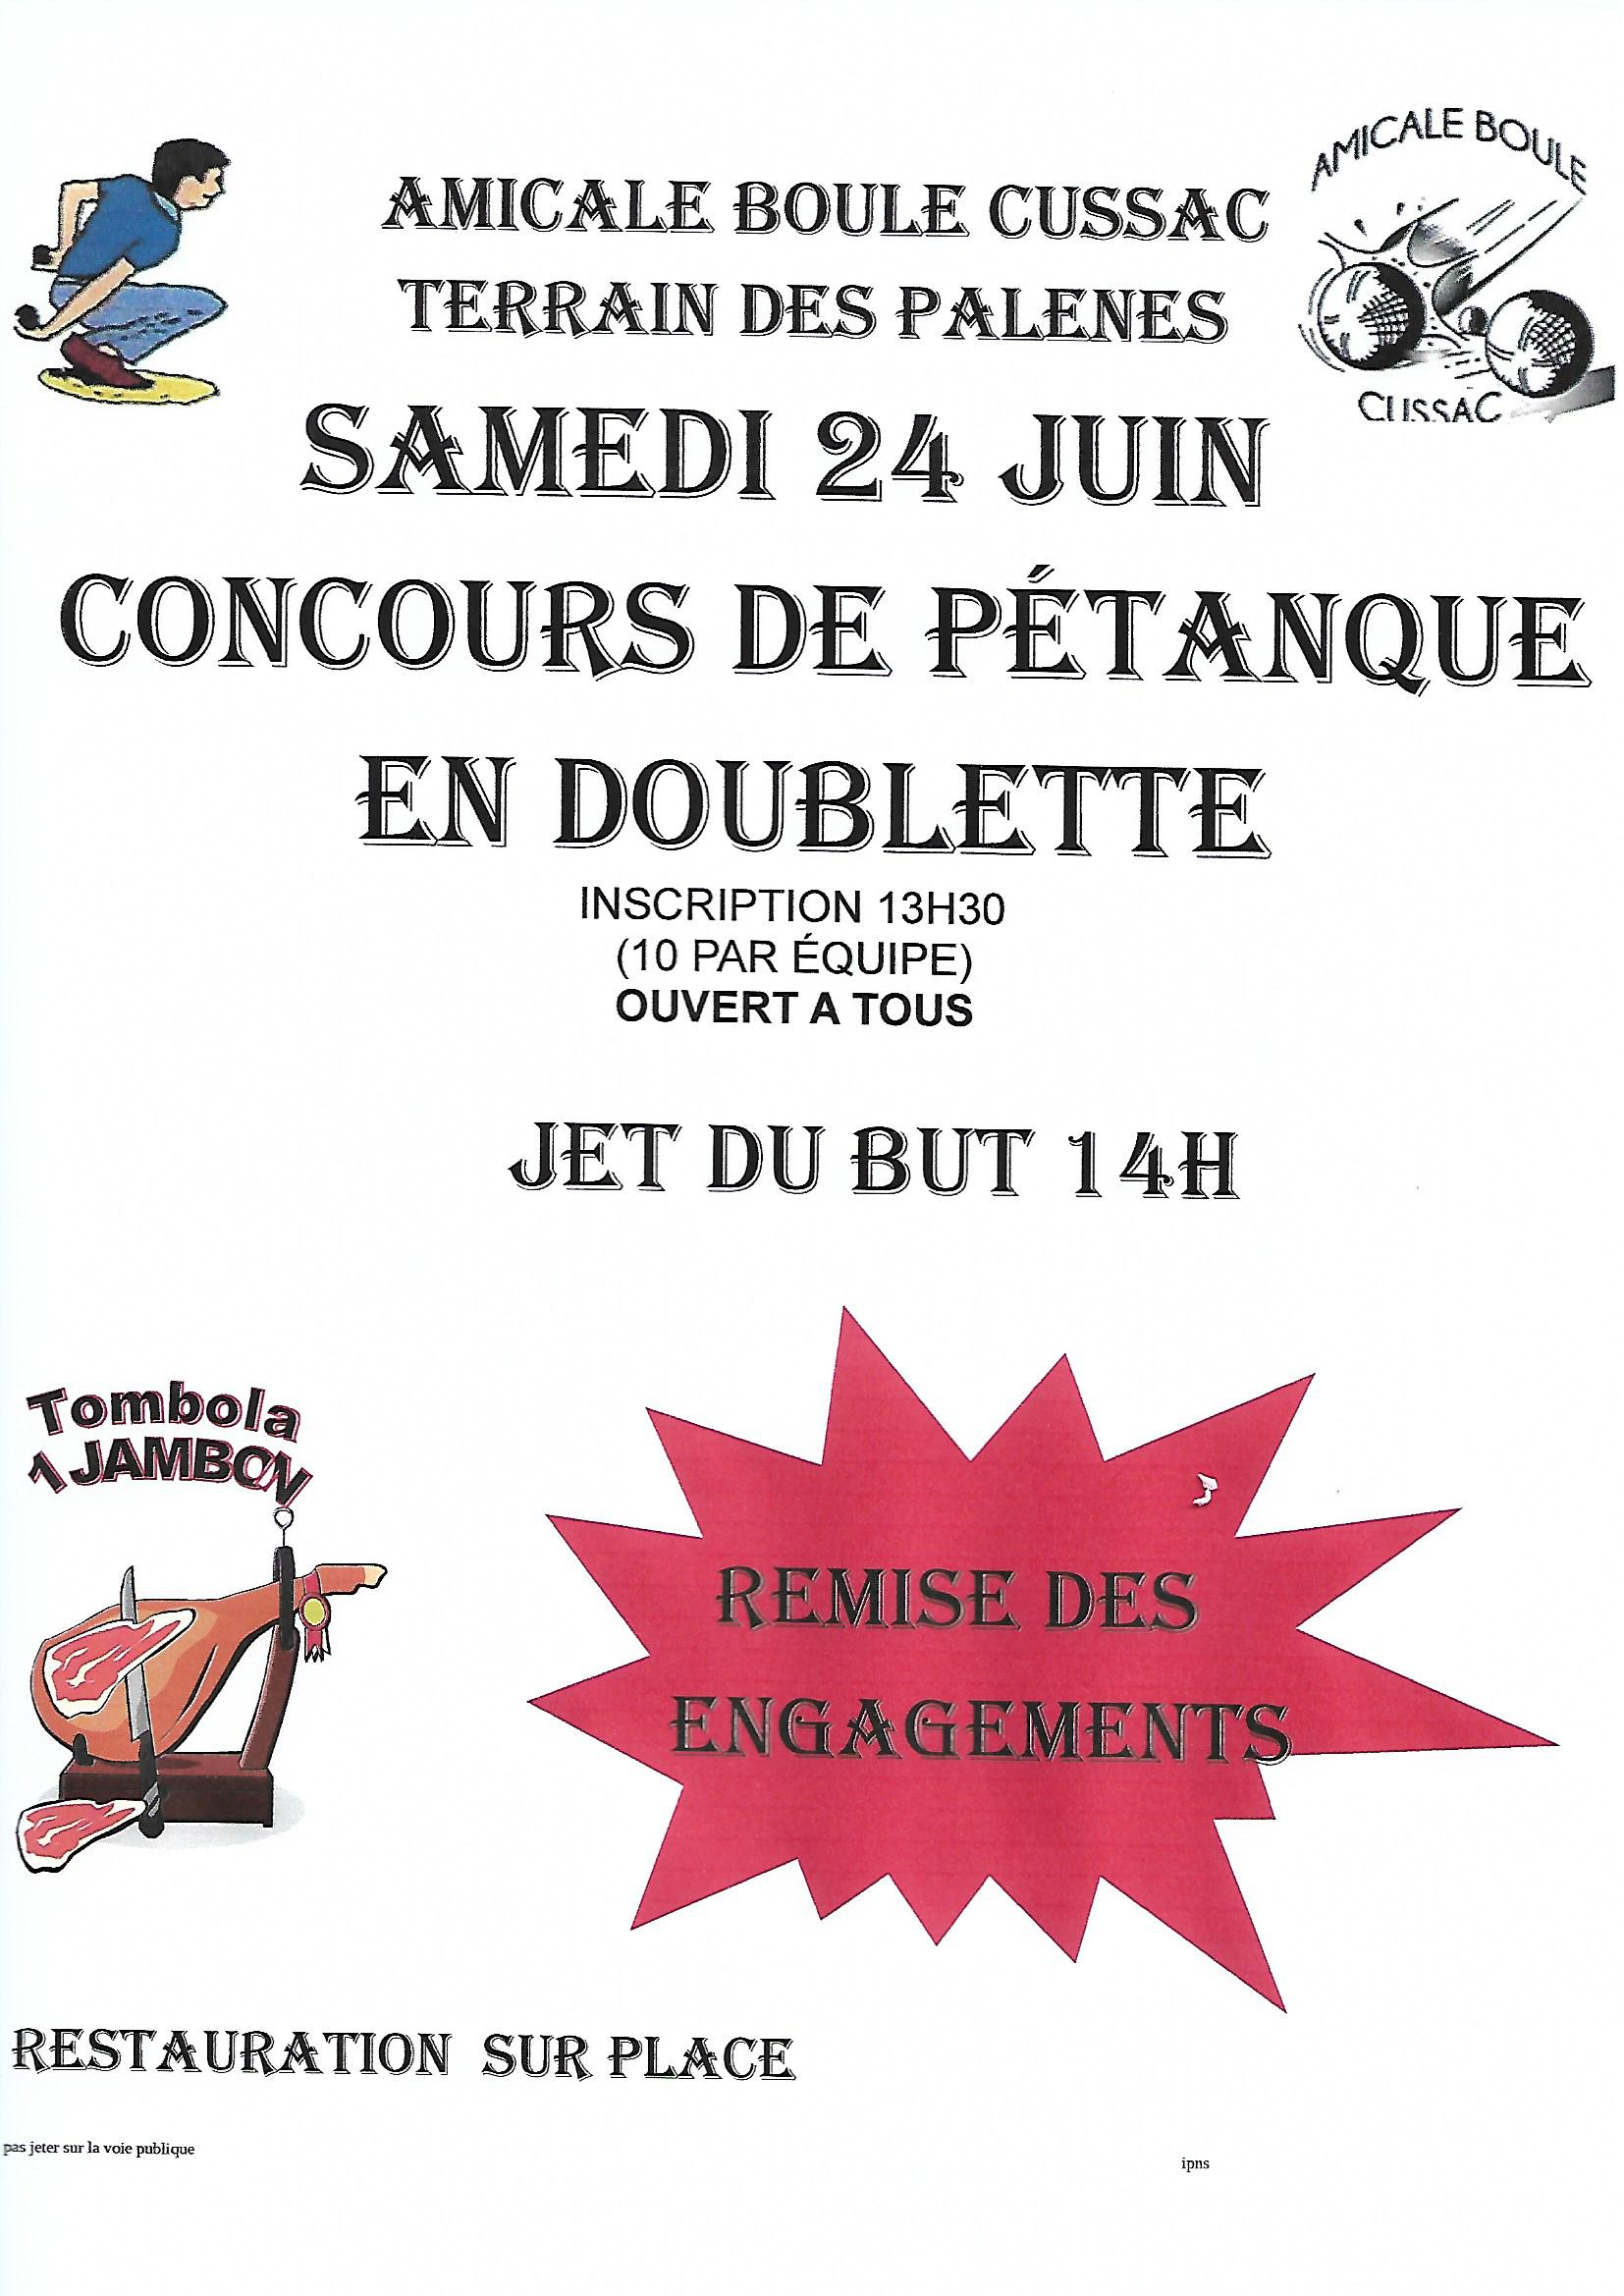 Concours de p tanque ouvert tous cussac 24 juin 2017 for Choisir des boules de petanque